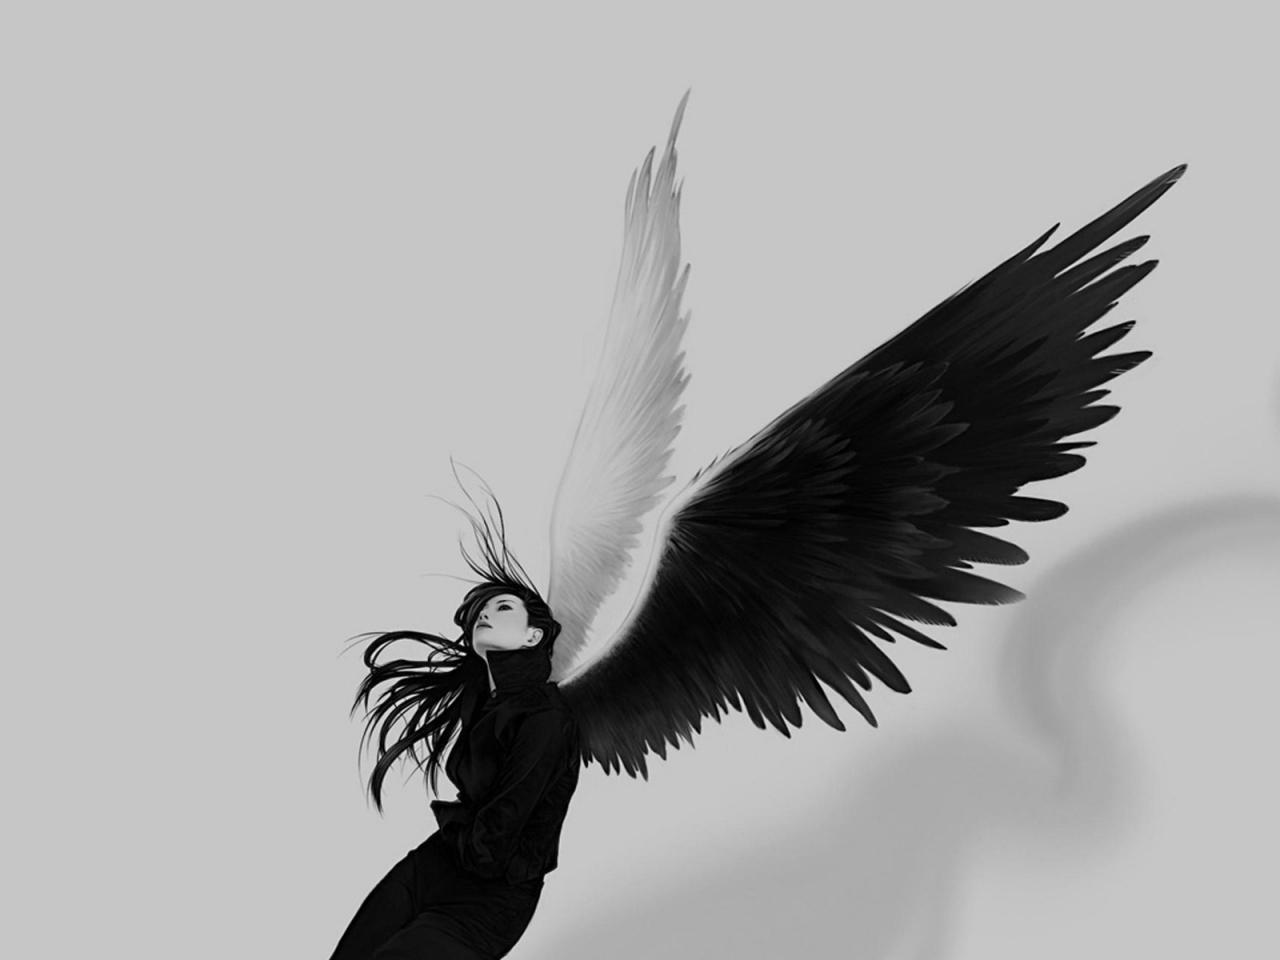 Chica con alas blanco y negro - 1280x960